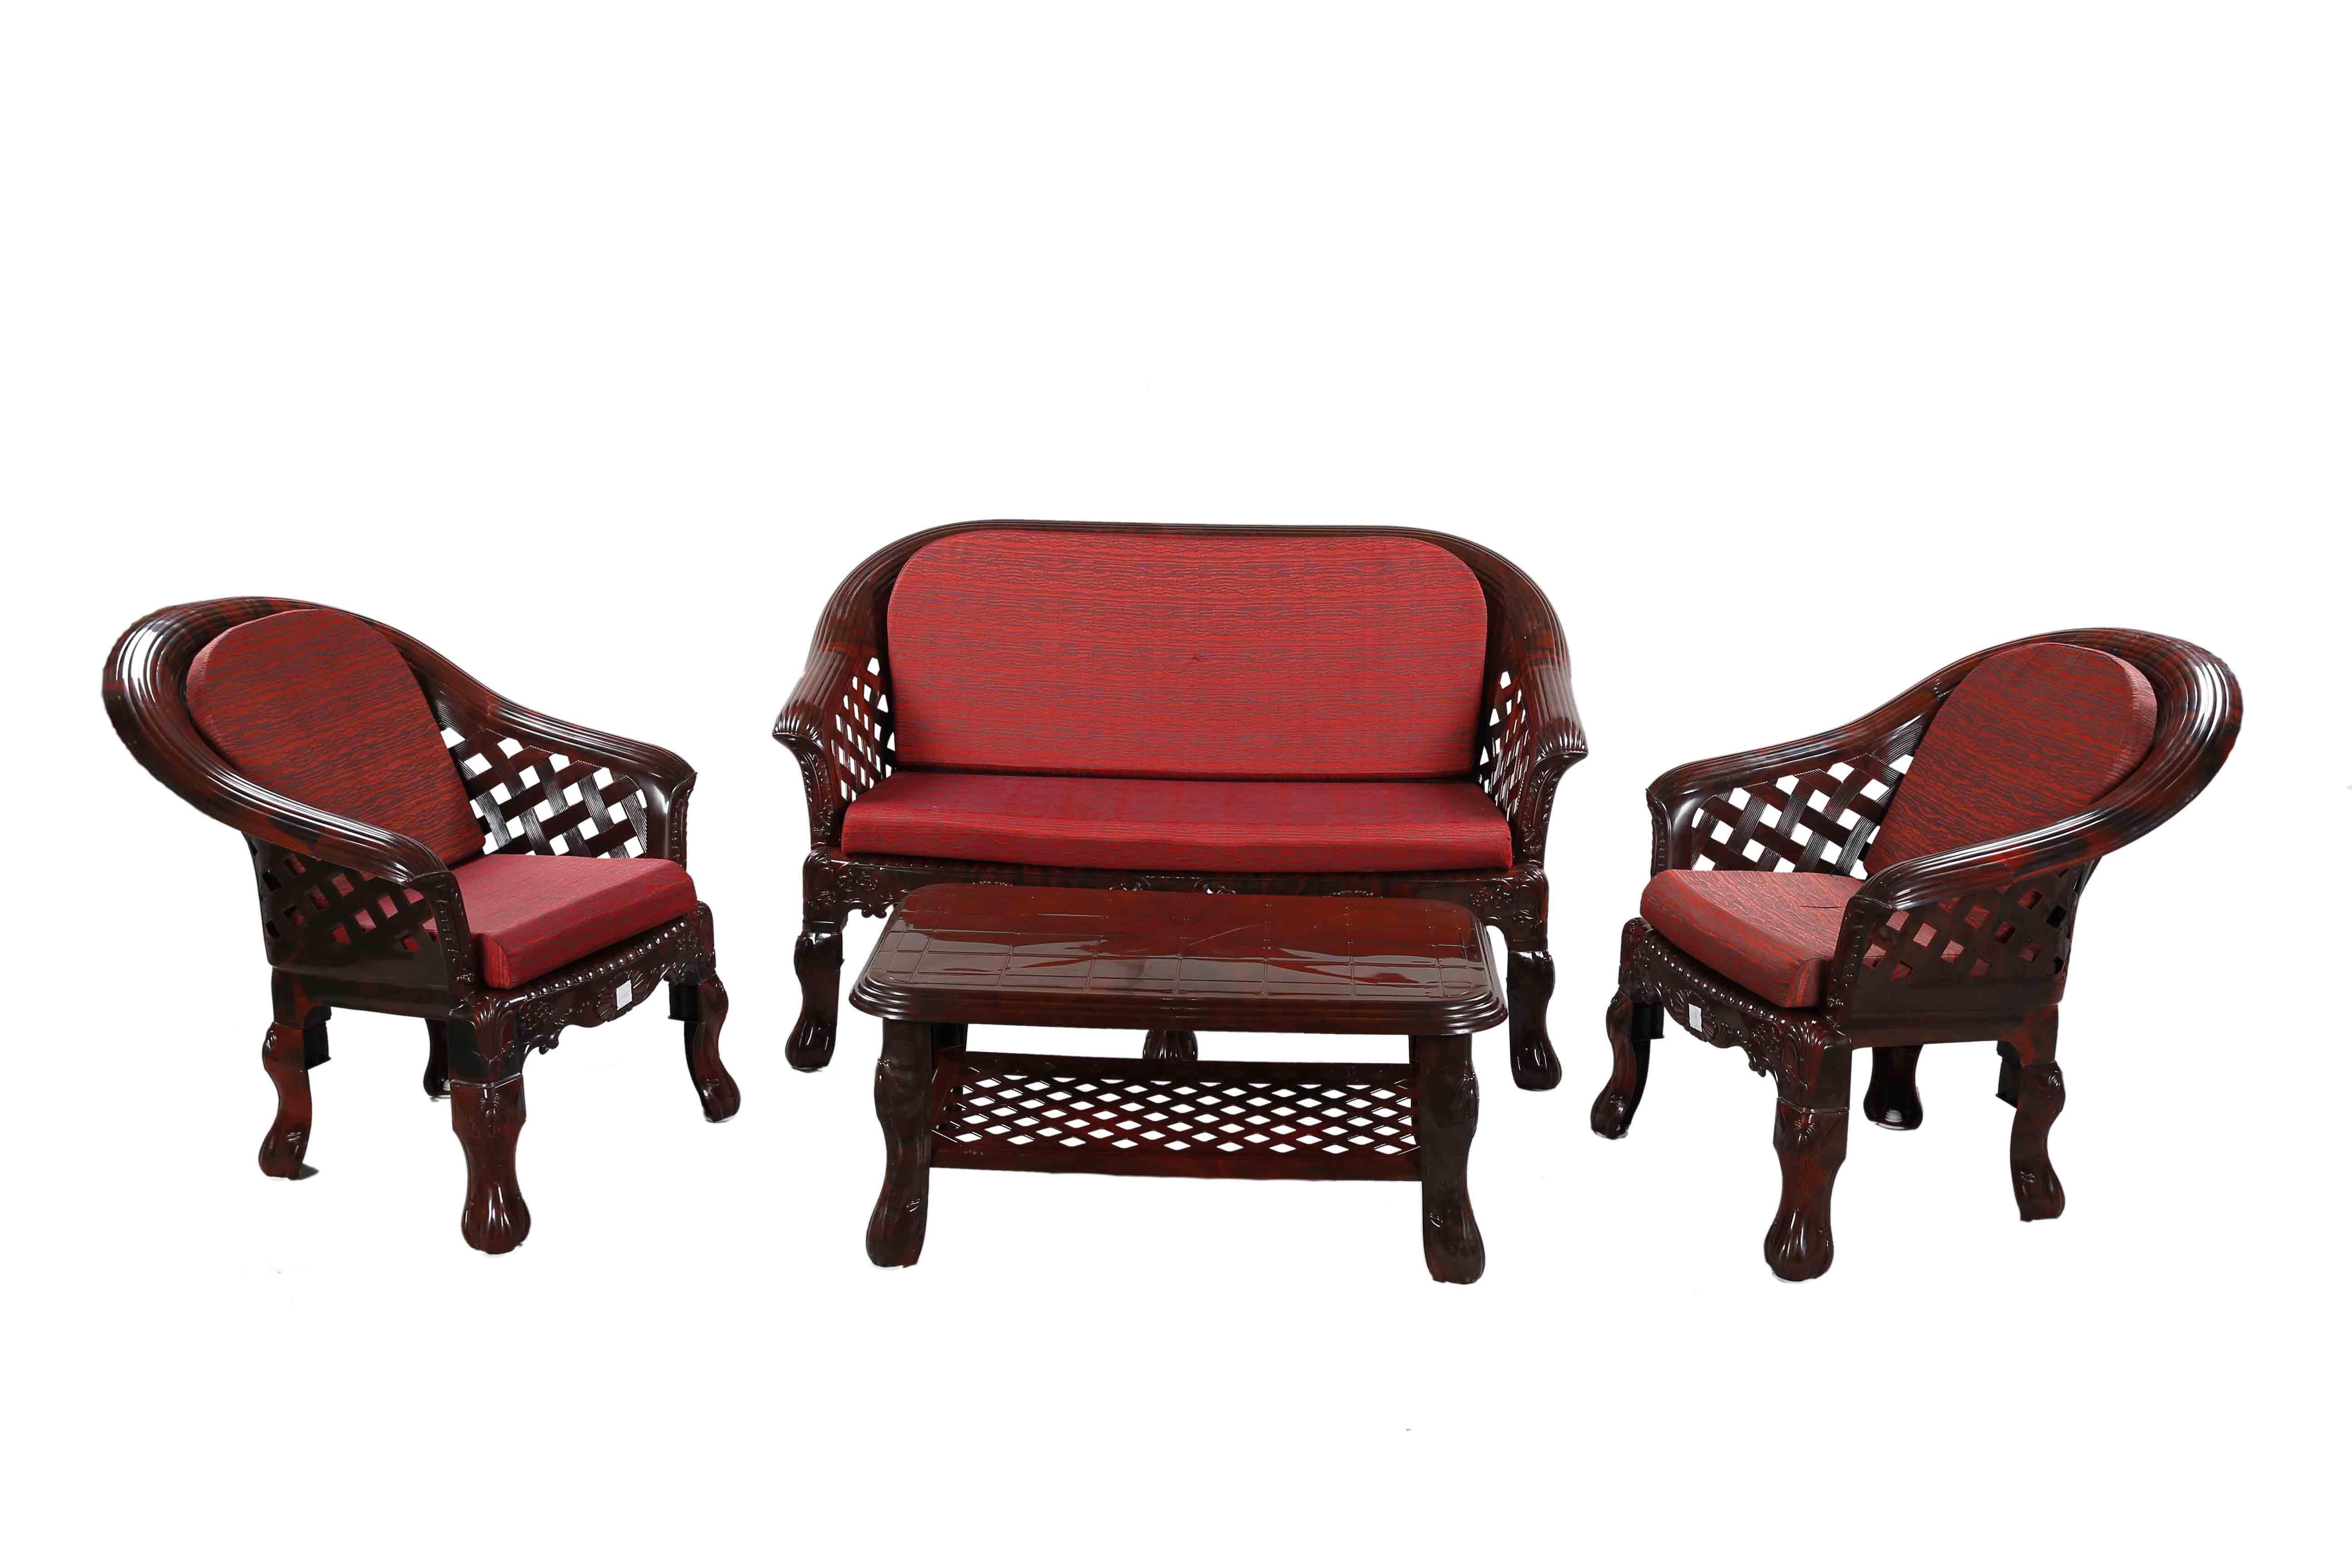 Sofa (4pcs) set -Rose Wood